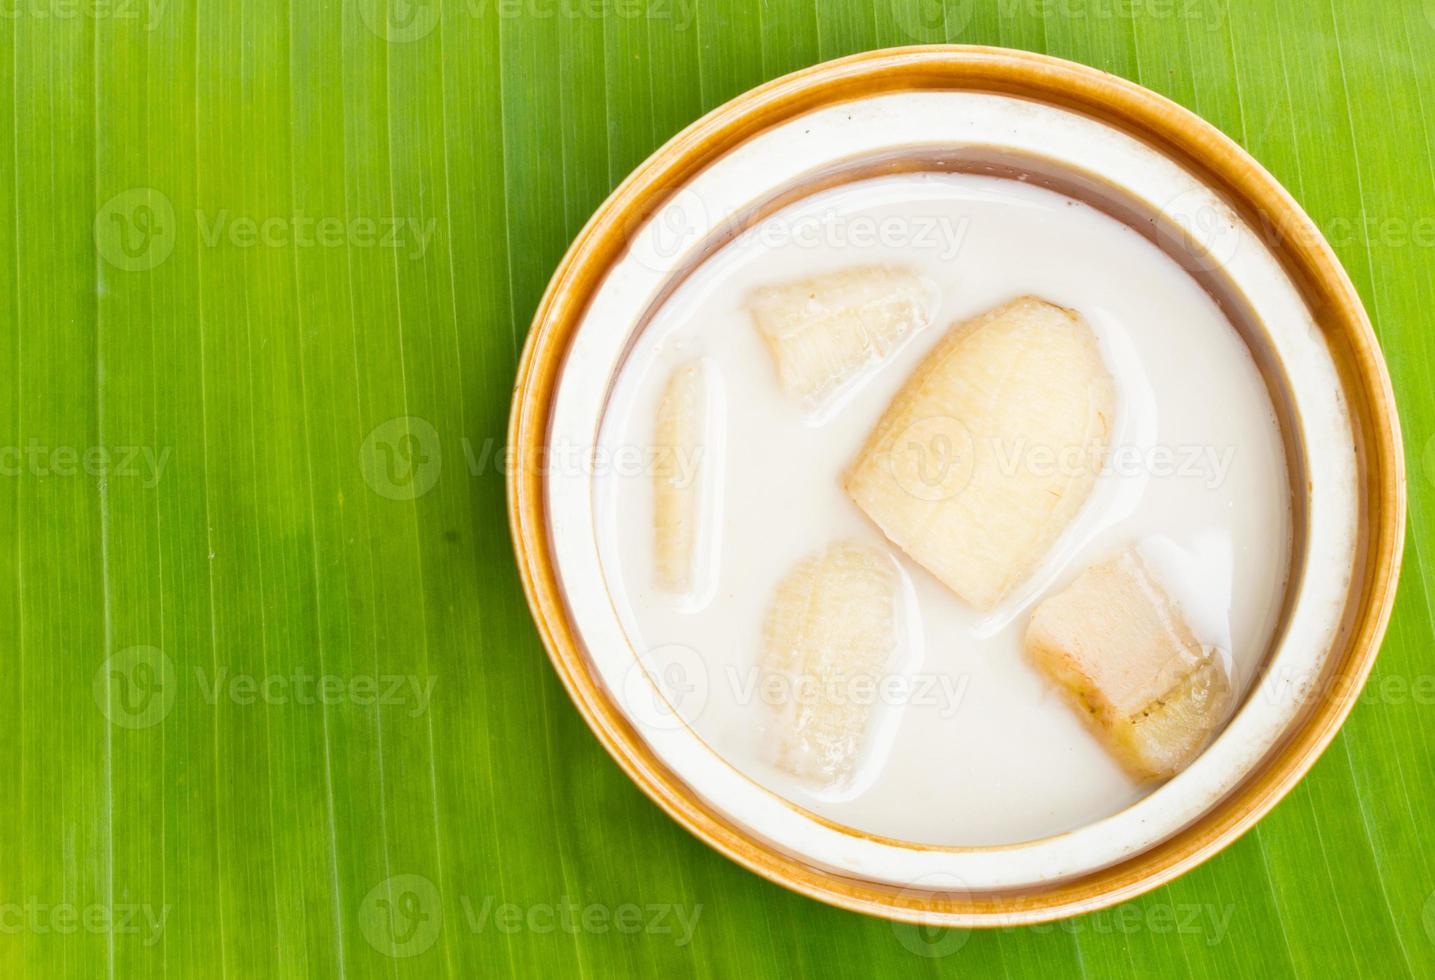 banane au lait de coco sur feuilles de bananier, désert thaïlandais photo